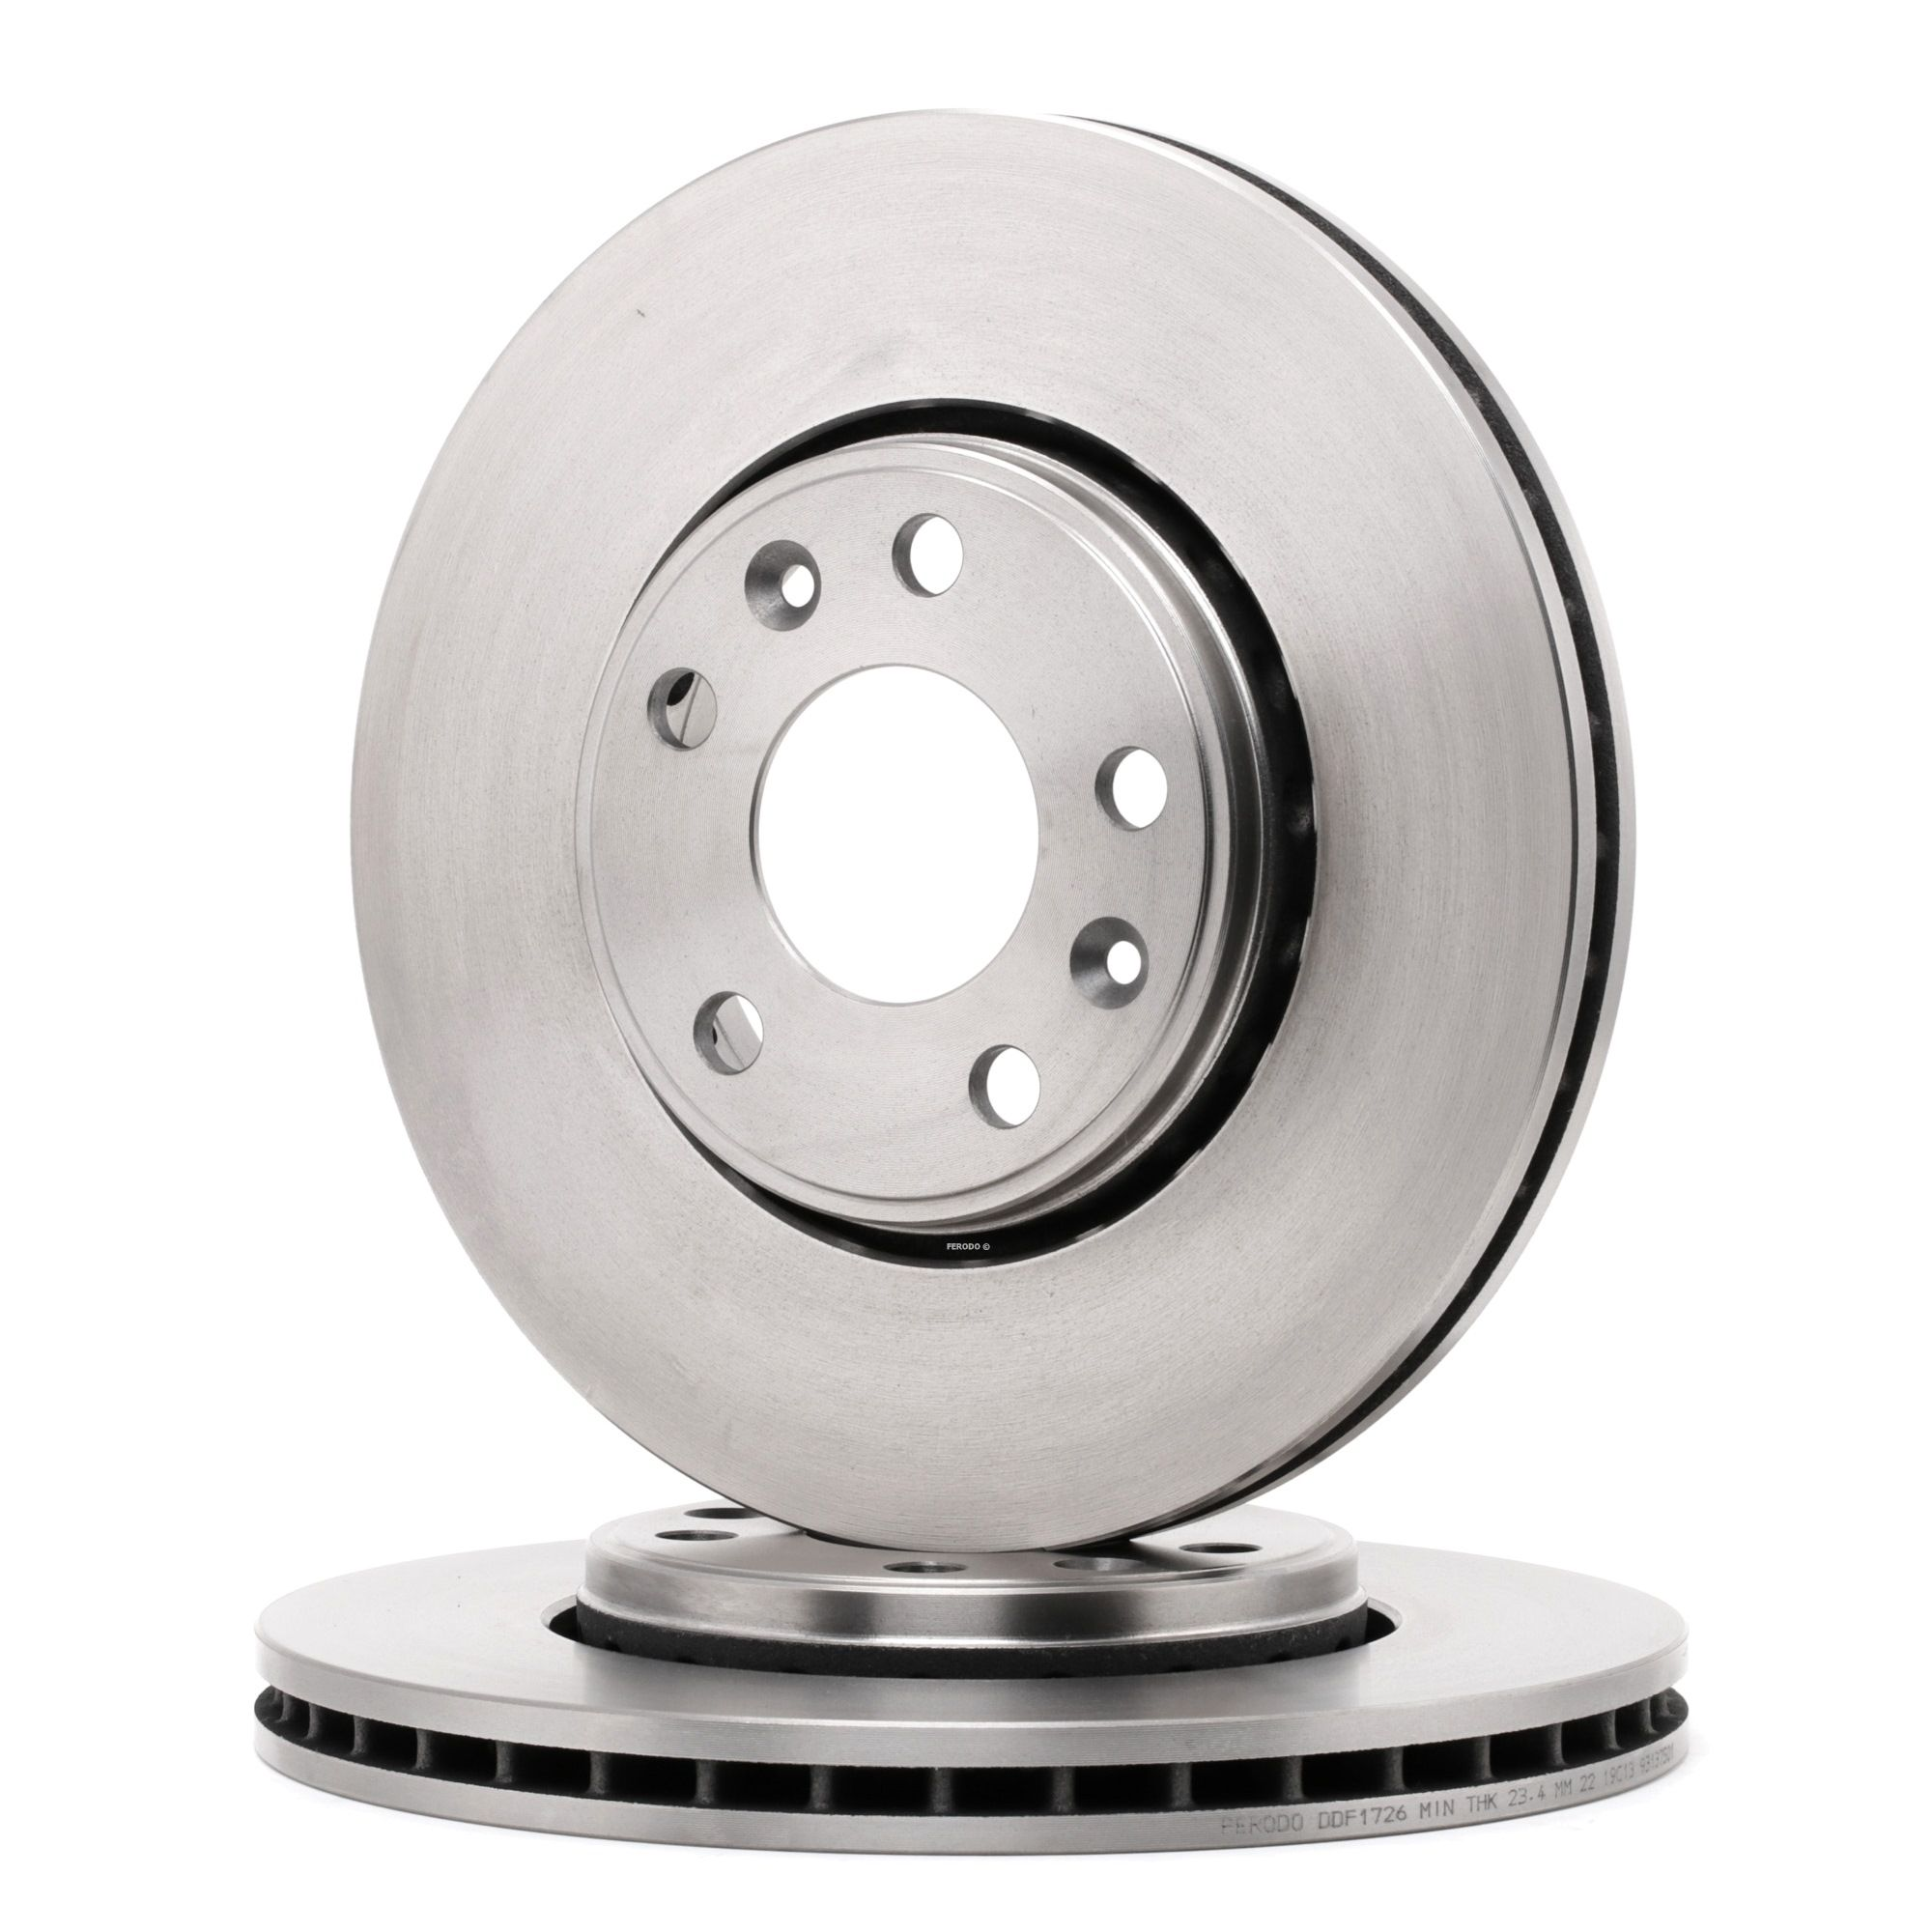 Achetez Disques de frein FERODO DDF1726 (Ø: 296mm, Nbre de trous: 5, Épaisseur du disque de frein: 26mm) à un rapport qualité-prix exceptionnel